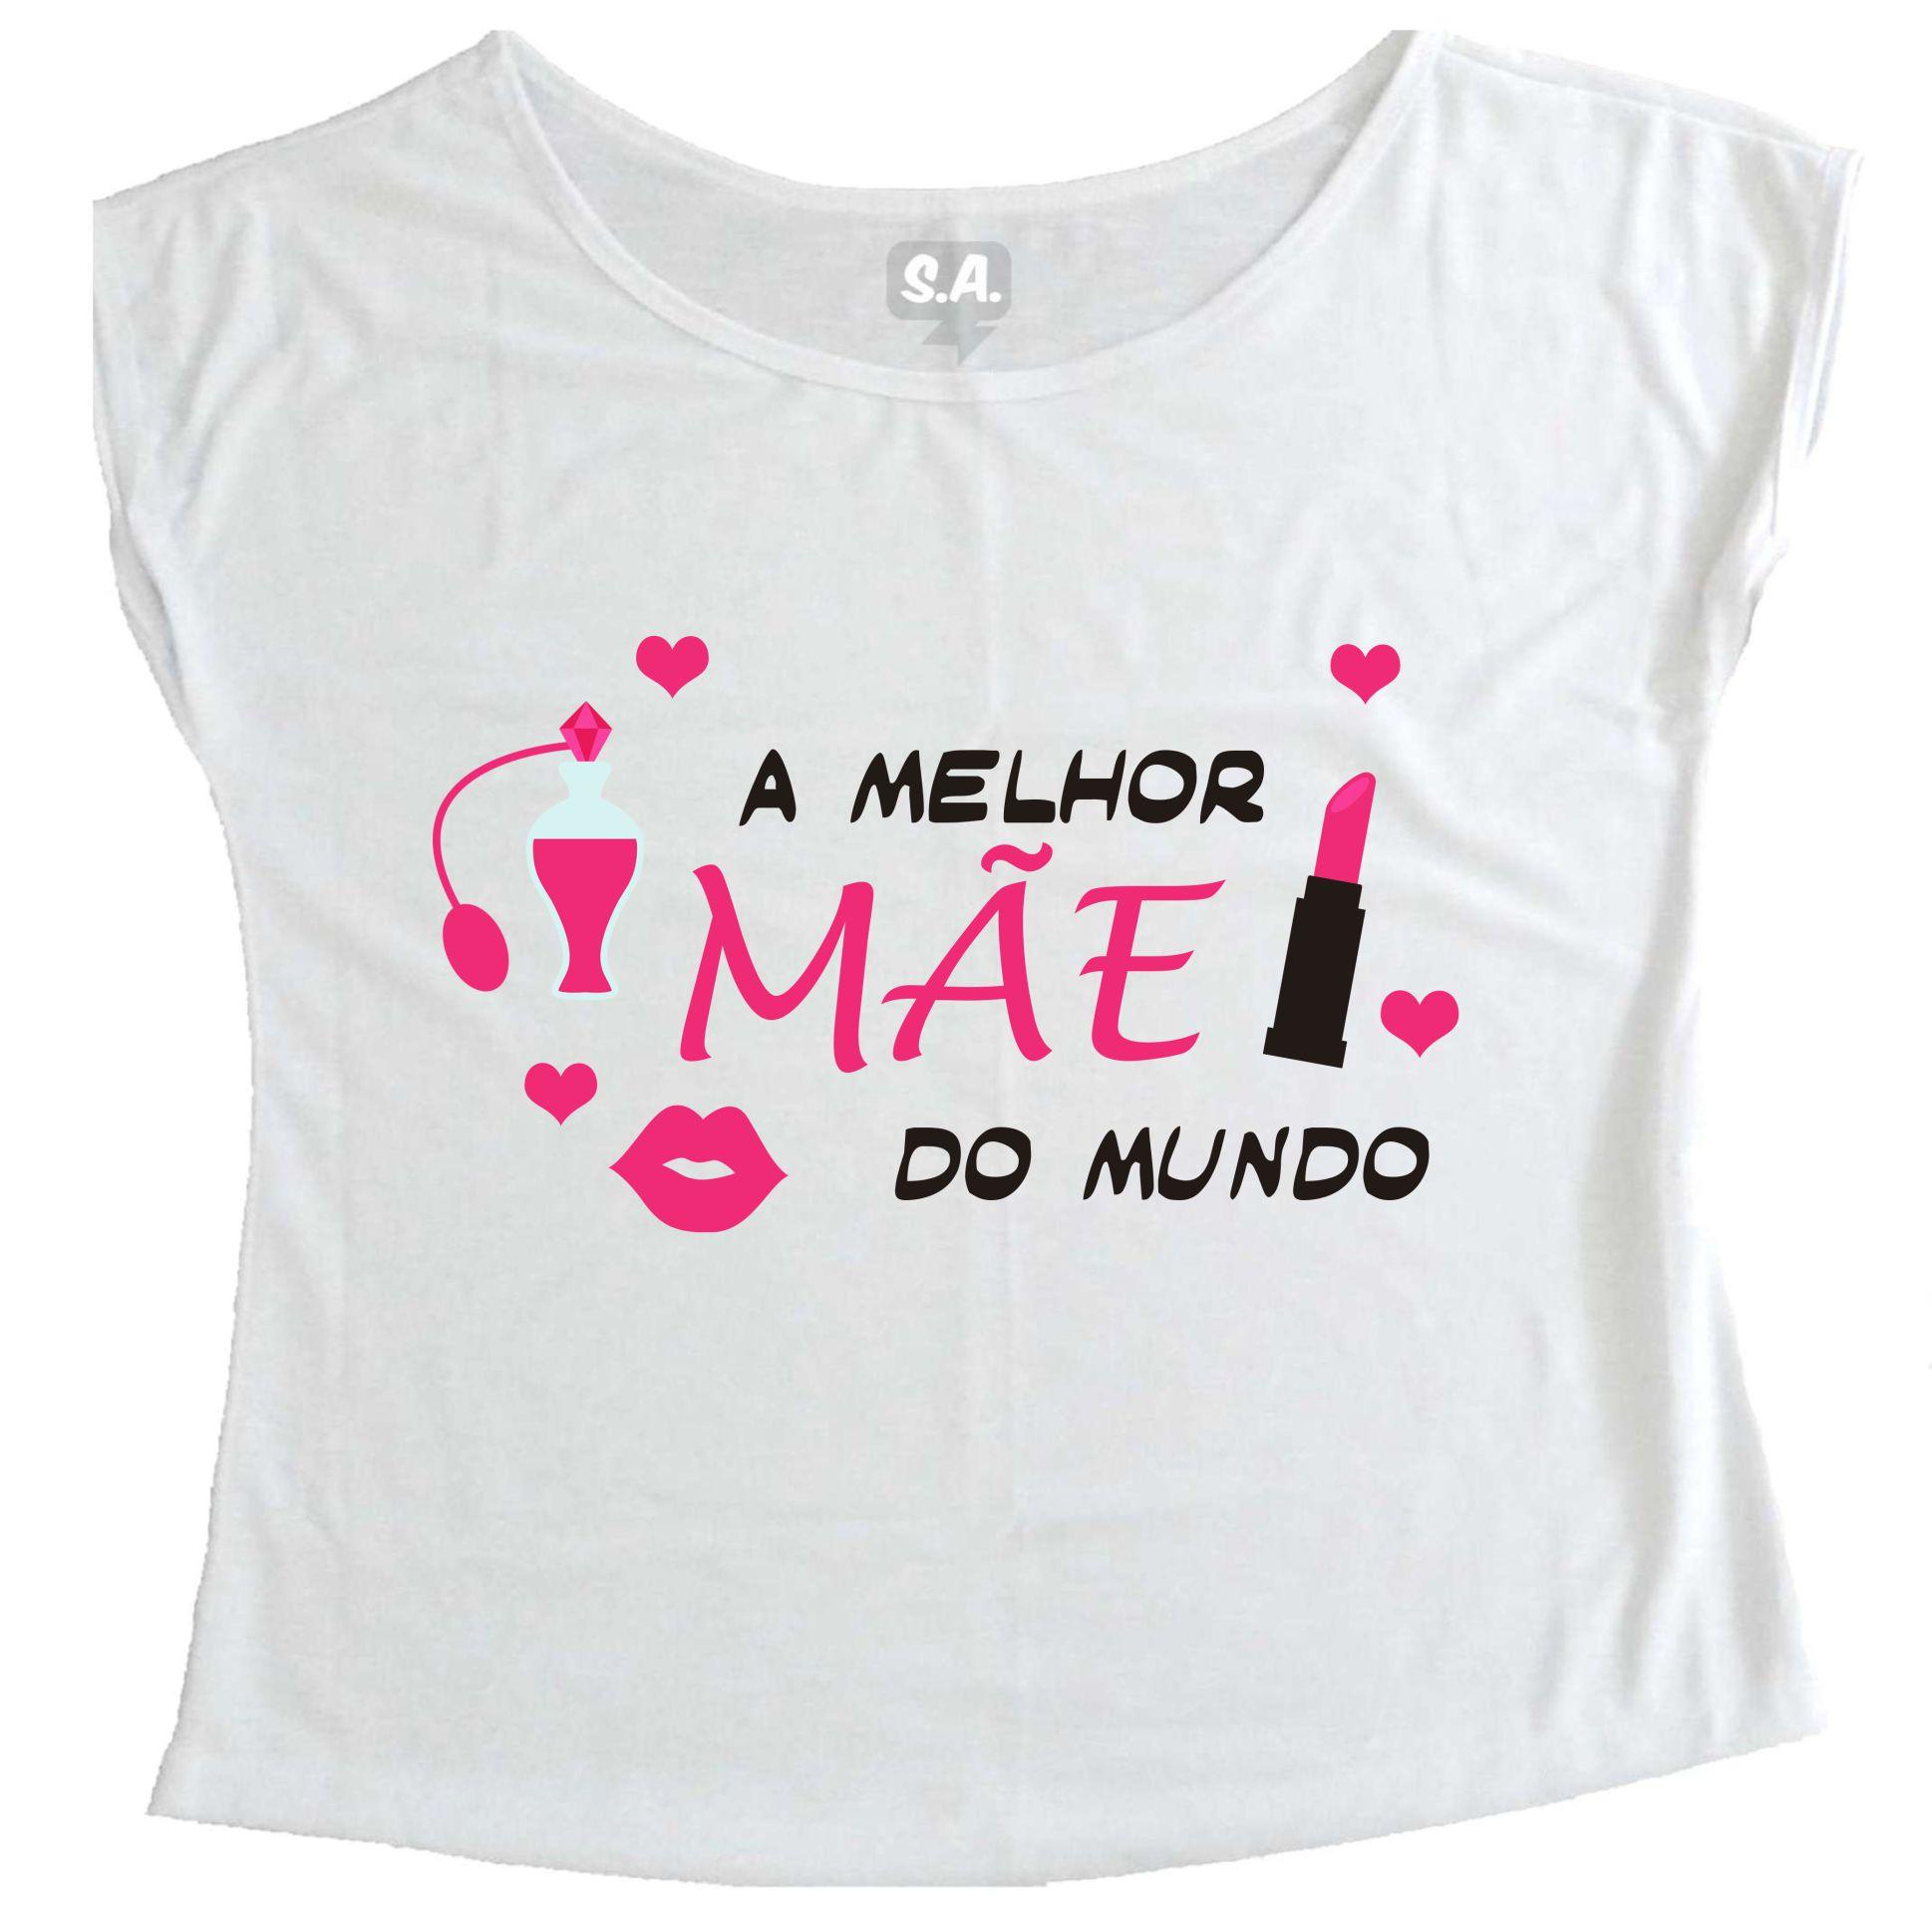 T Shirt Melhor Amigo  432efbb8798f3